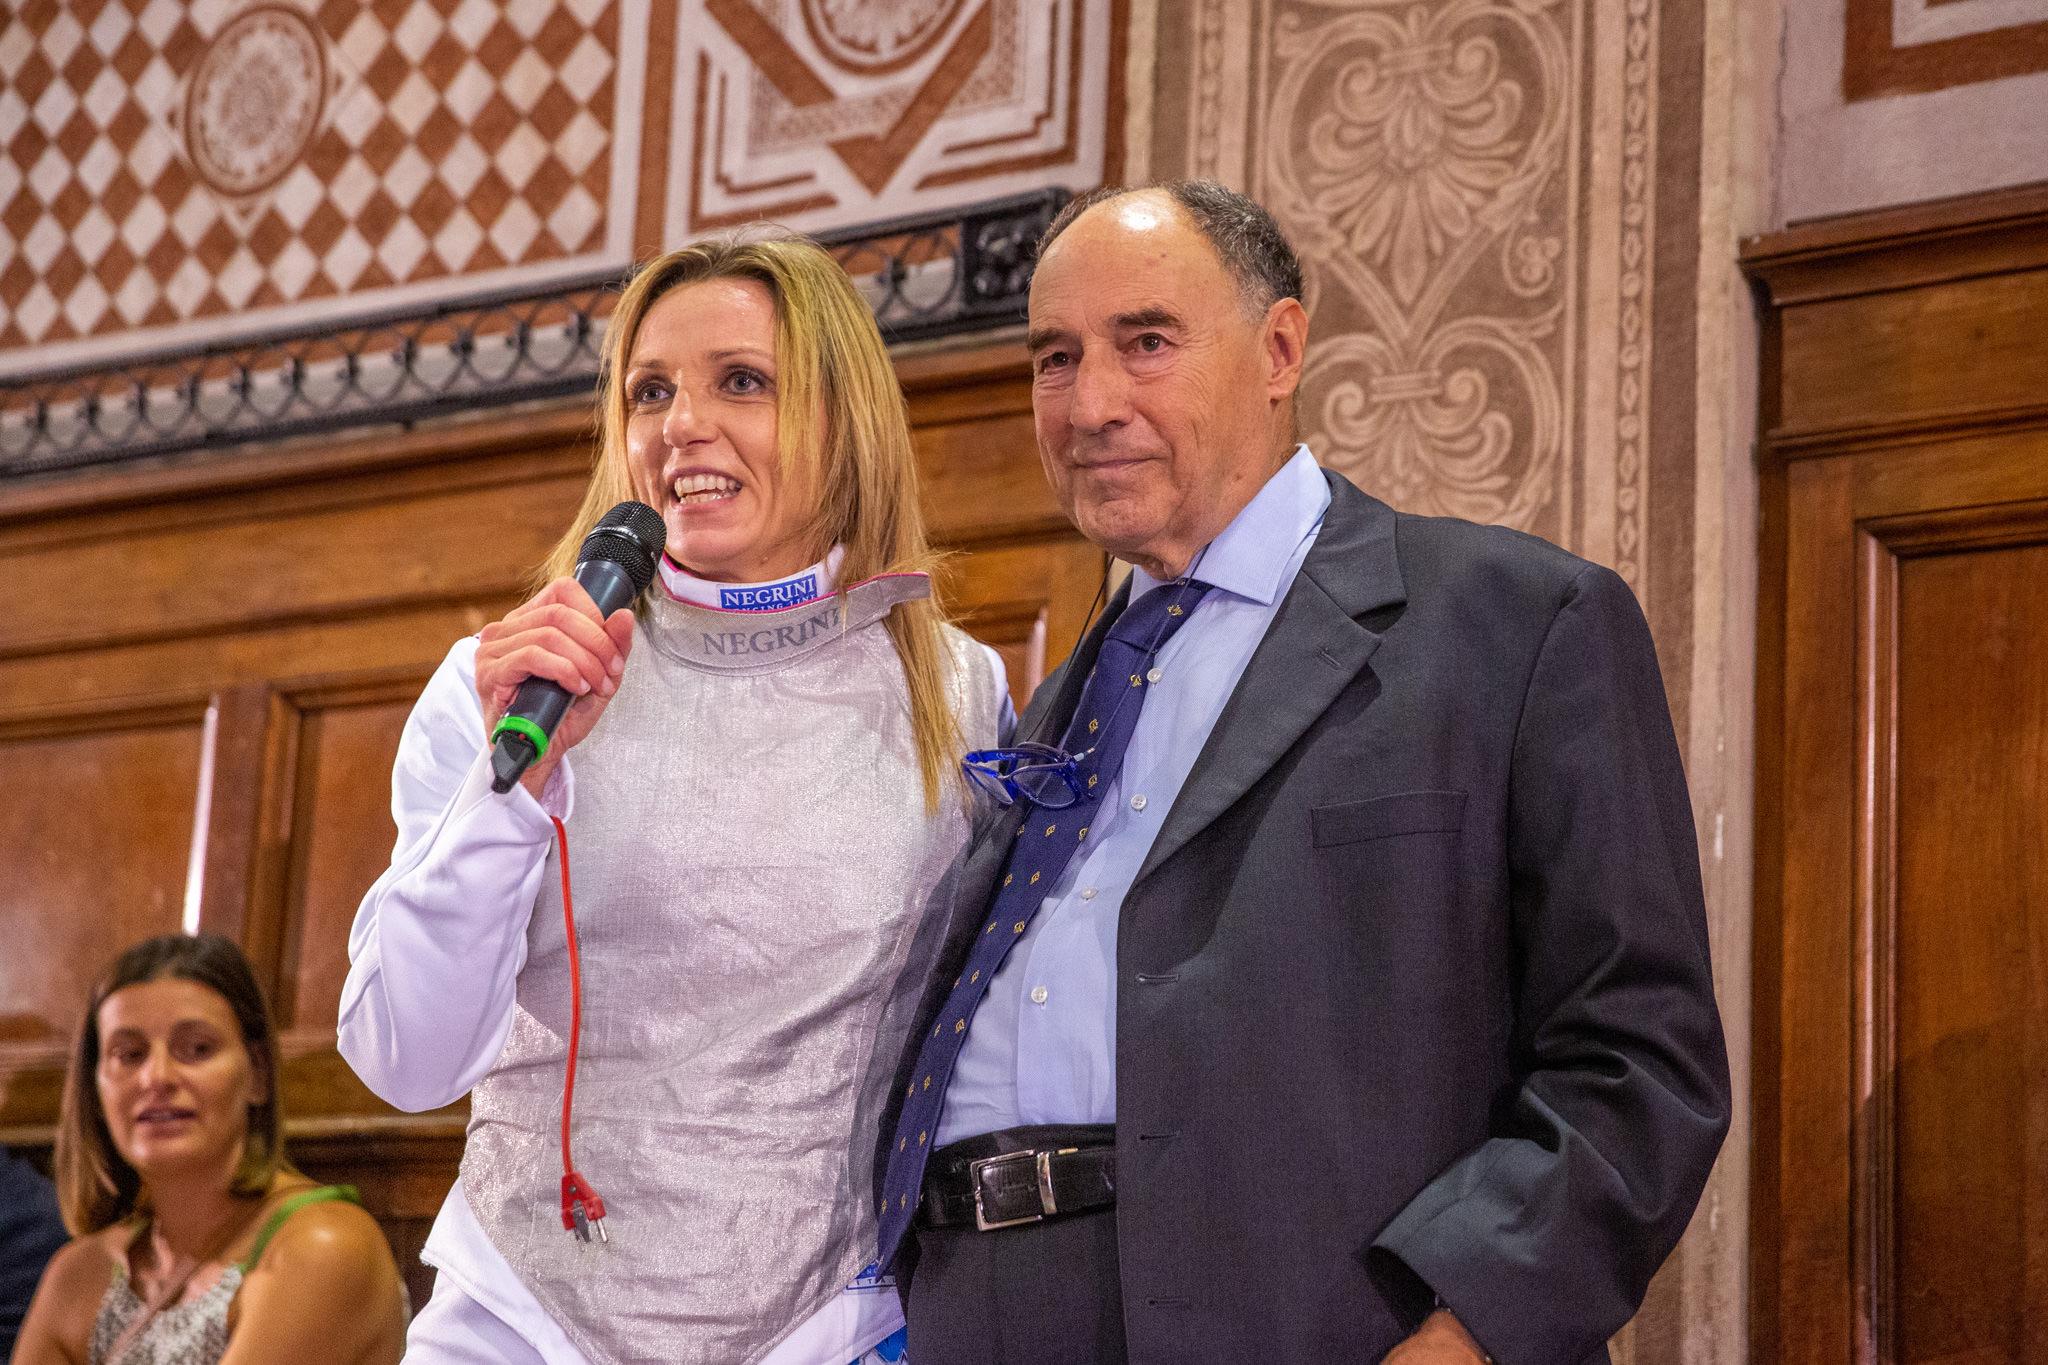 Valentina Vezzali enuncia un discorso in favore degli ospiti durante la festa per il quarantesimo anniversario dello Studio Rucellai&Raffaelli